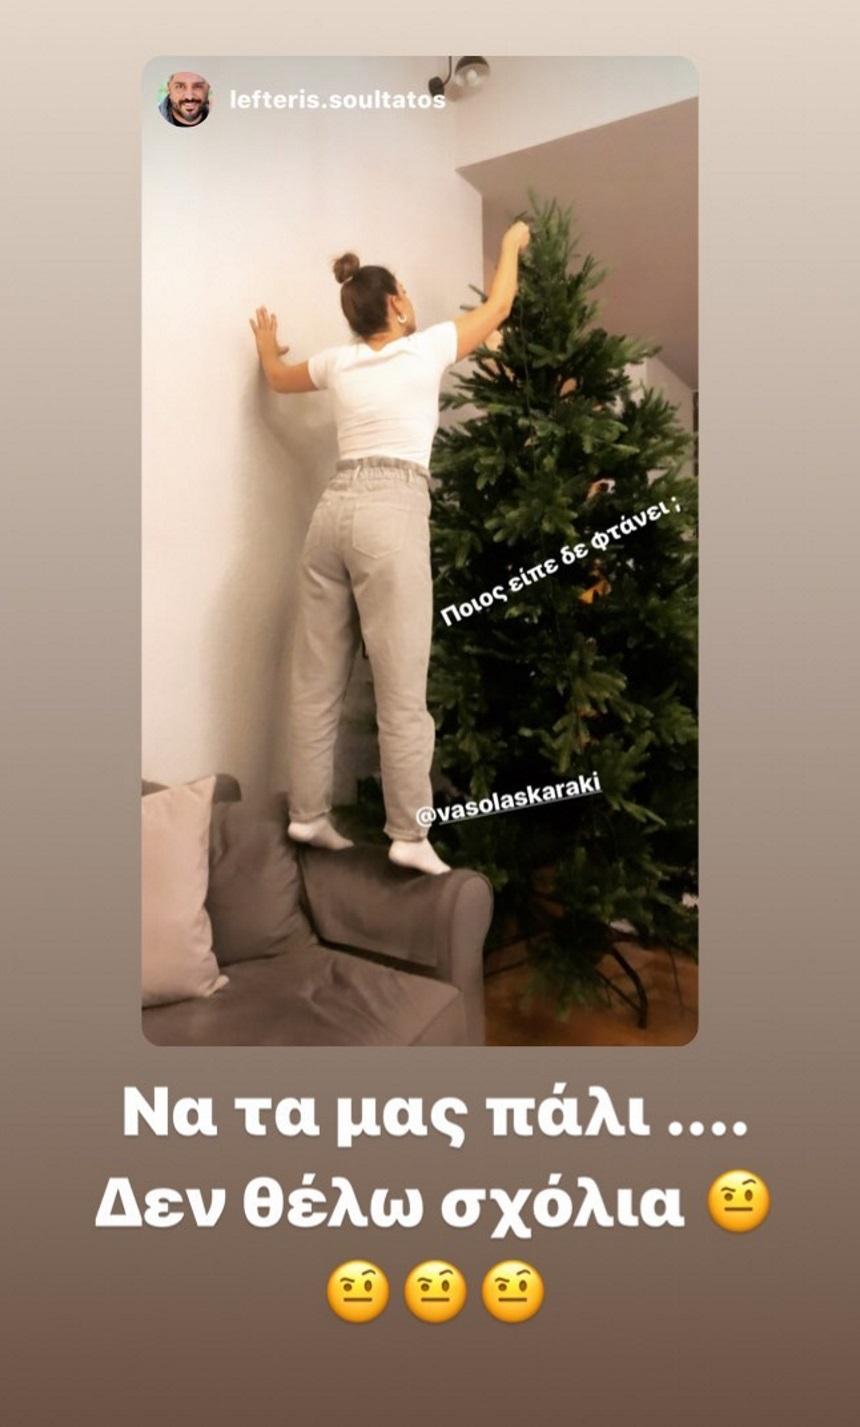 Η Βάσω Λασκαράκη στολίζει το δέντρο μαζί με τον Λευτέρη Σουλτάτο και εκείνος την τρολάρει (εικόνες)